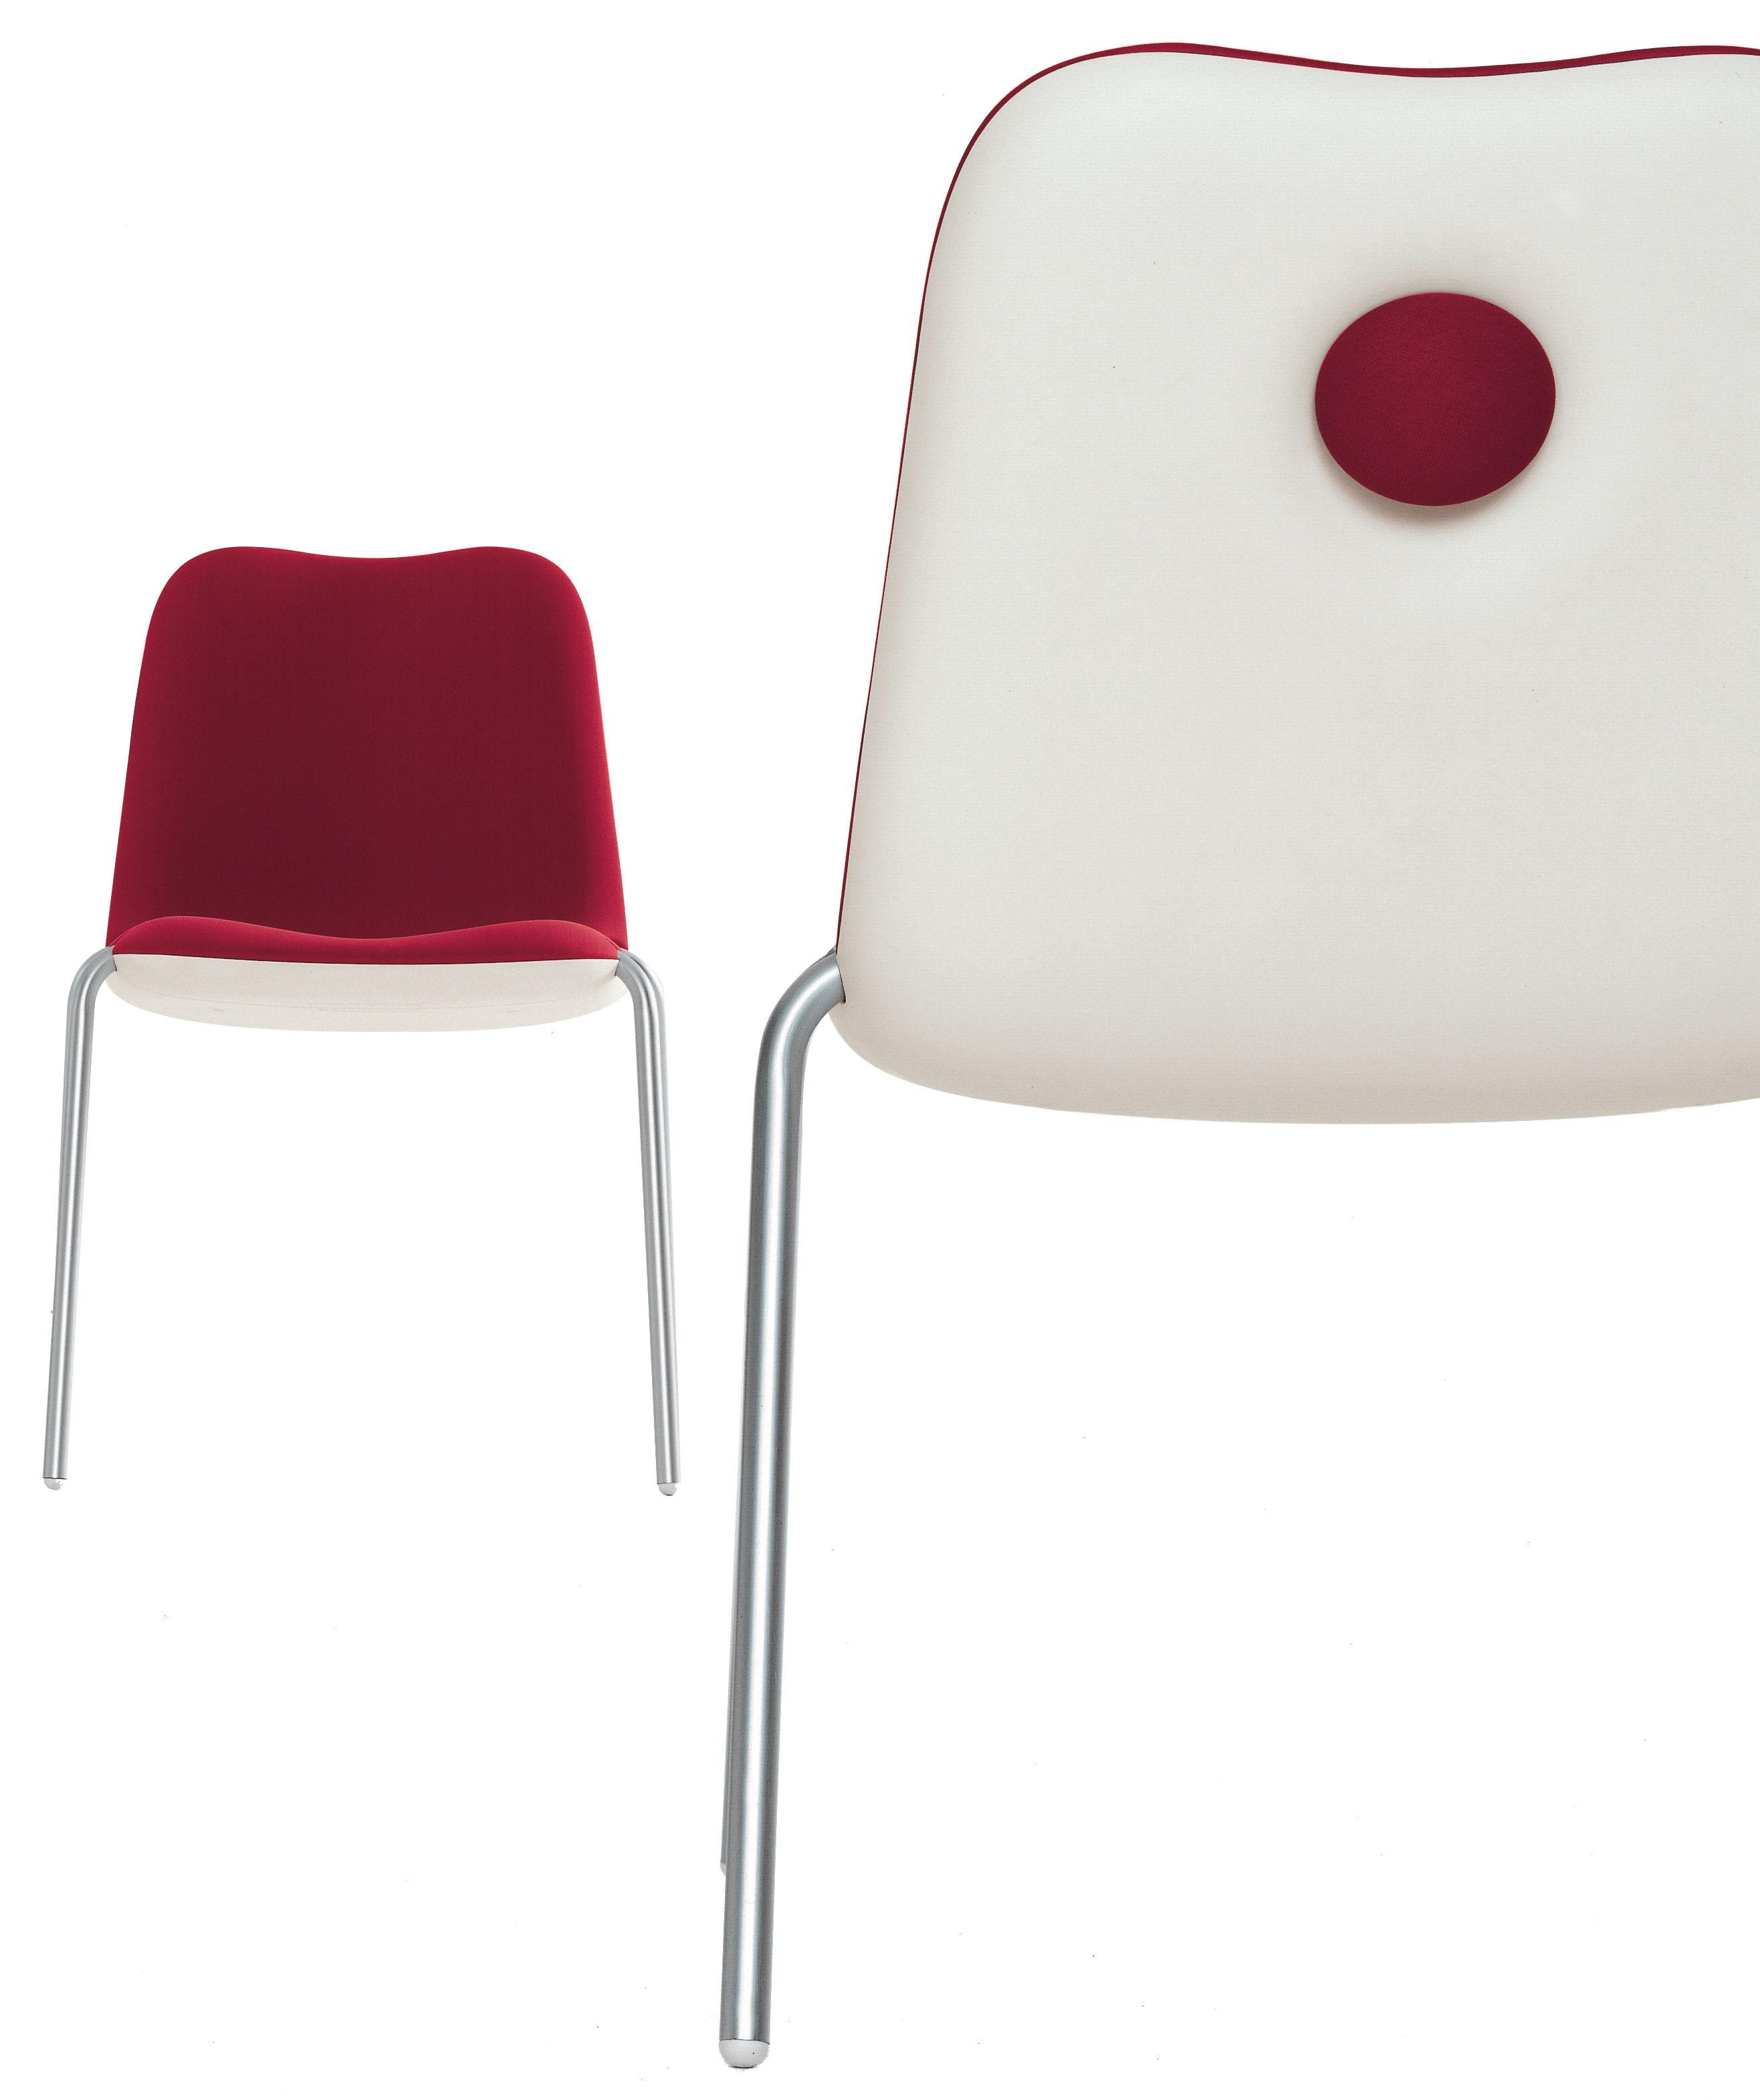 chaise rembourr e boum rouge kristalia. Black Bedroom Furniture Sets. Home Design Ideas